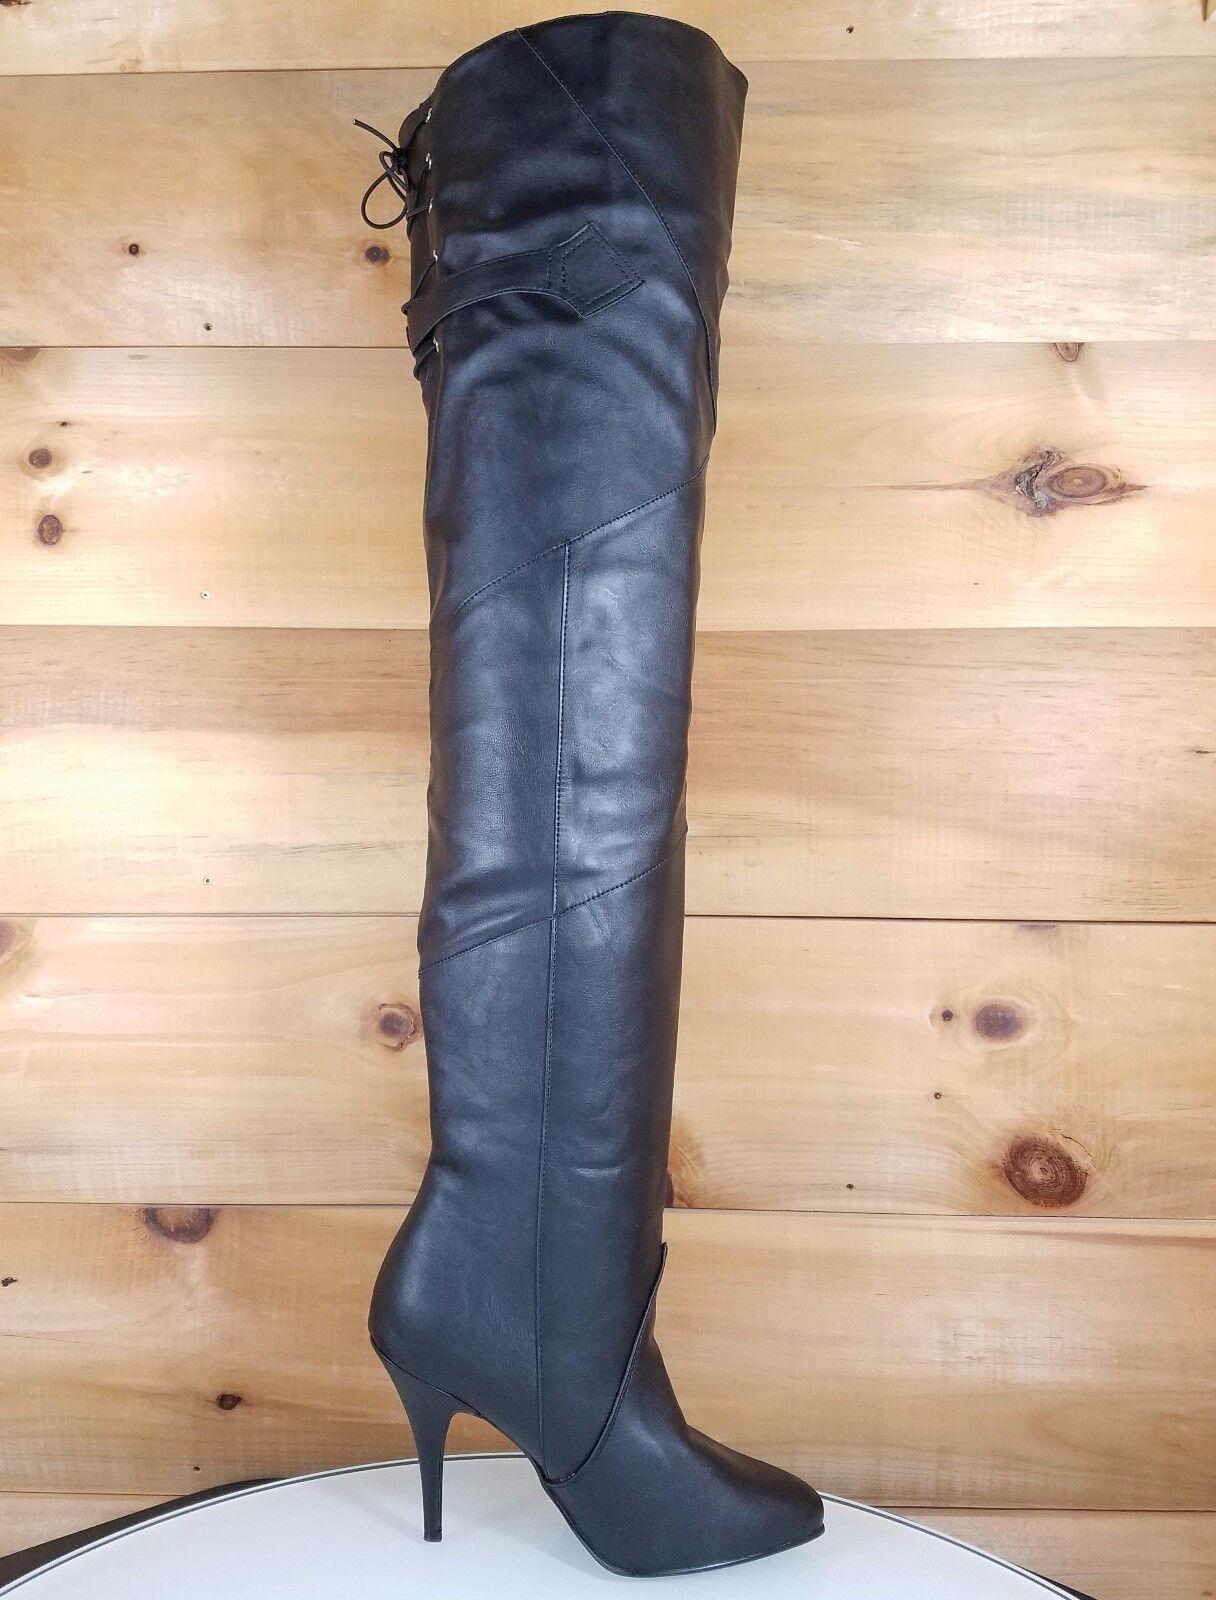 Leyenda 8890 Negro Cuero a la rodilla rodilla rodilla muslo Tacón alto 4.25  de arranque alto talla 10 Nuevo  ventas en línea de venta